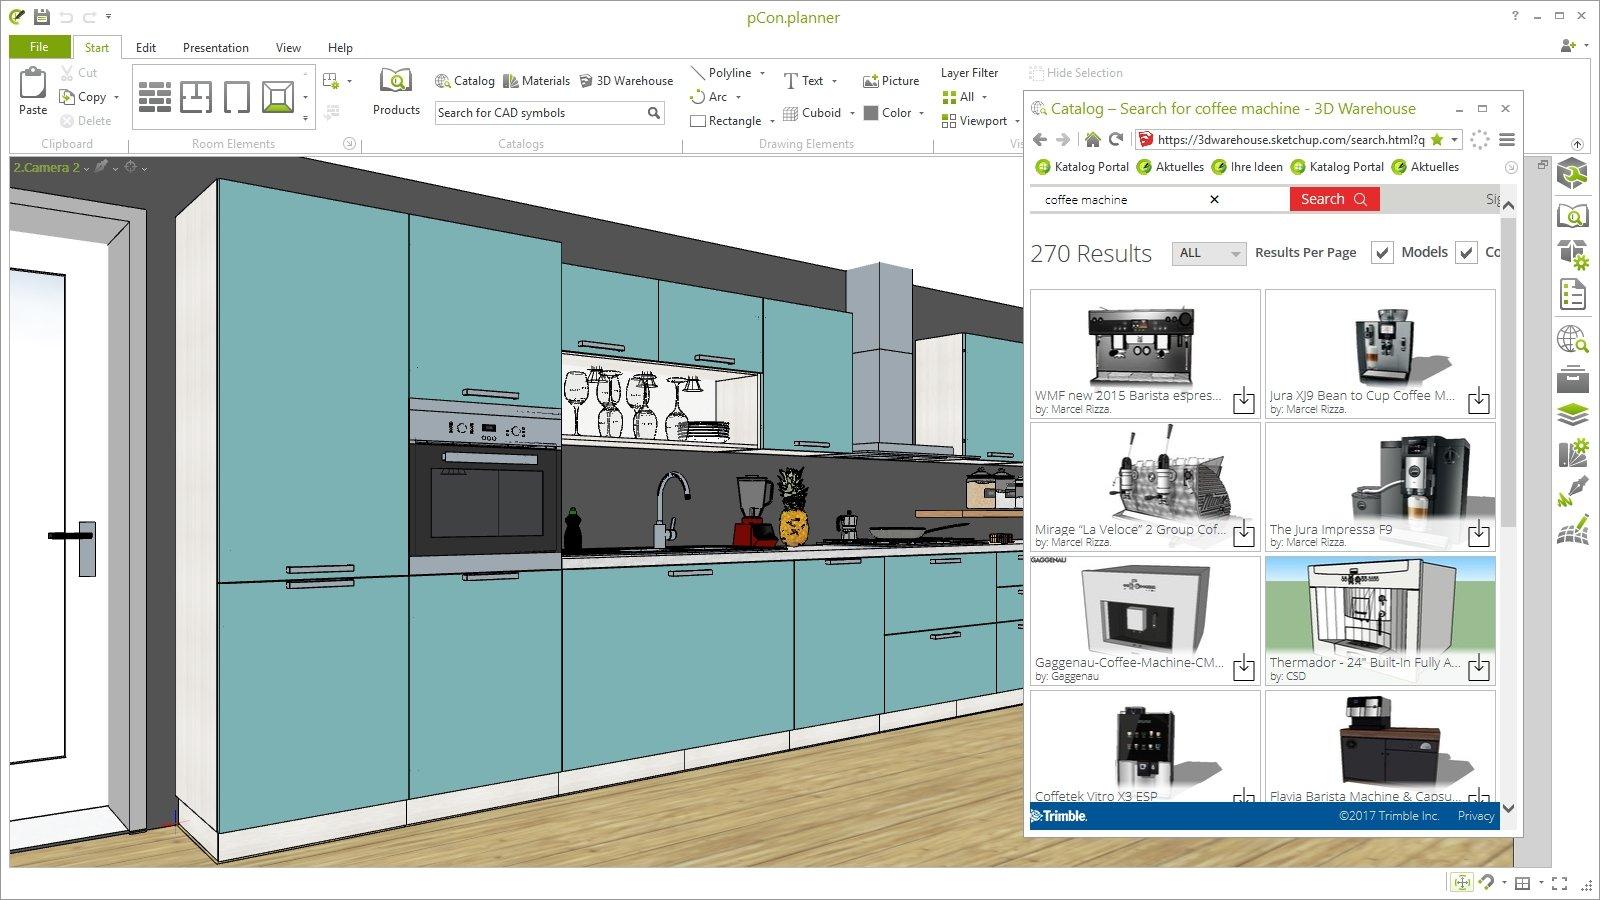 Descargar 7 7 para pc gratis en espa ol Diseno de interiores 3d data becker windows 7